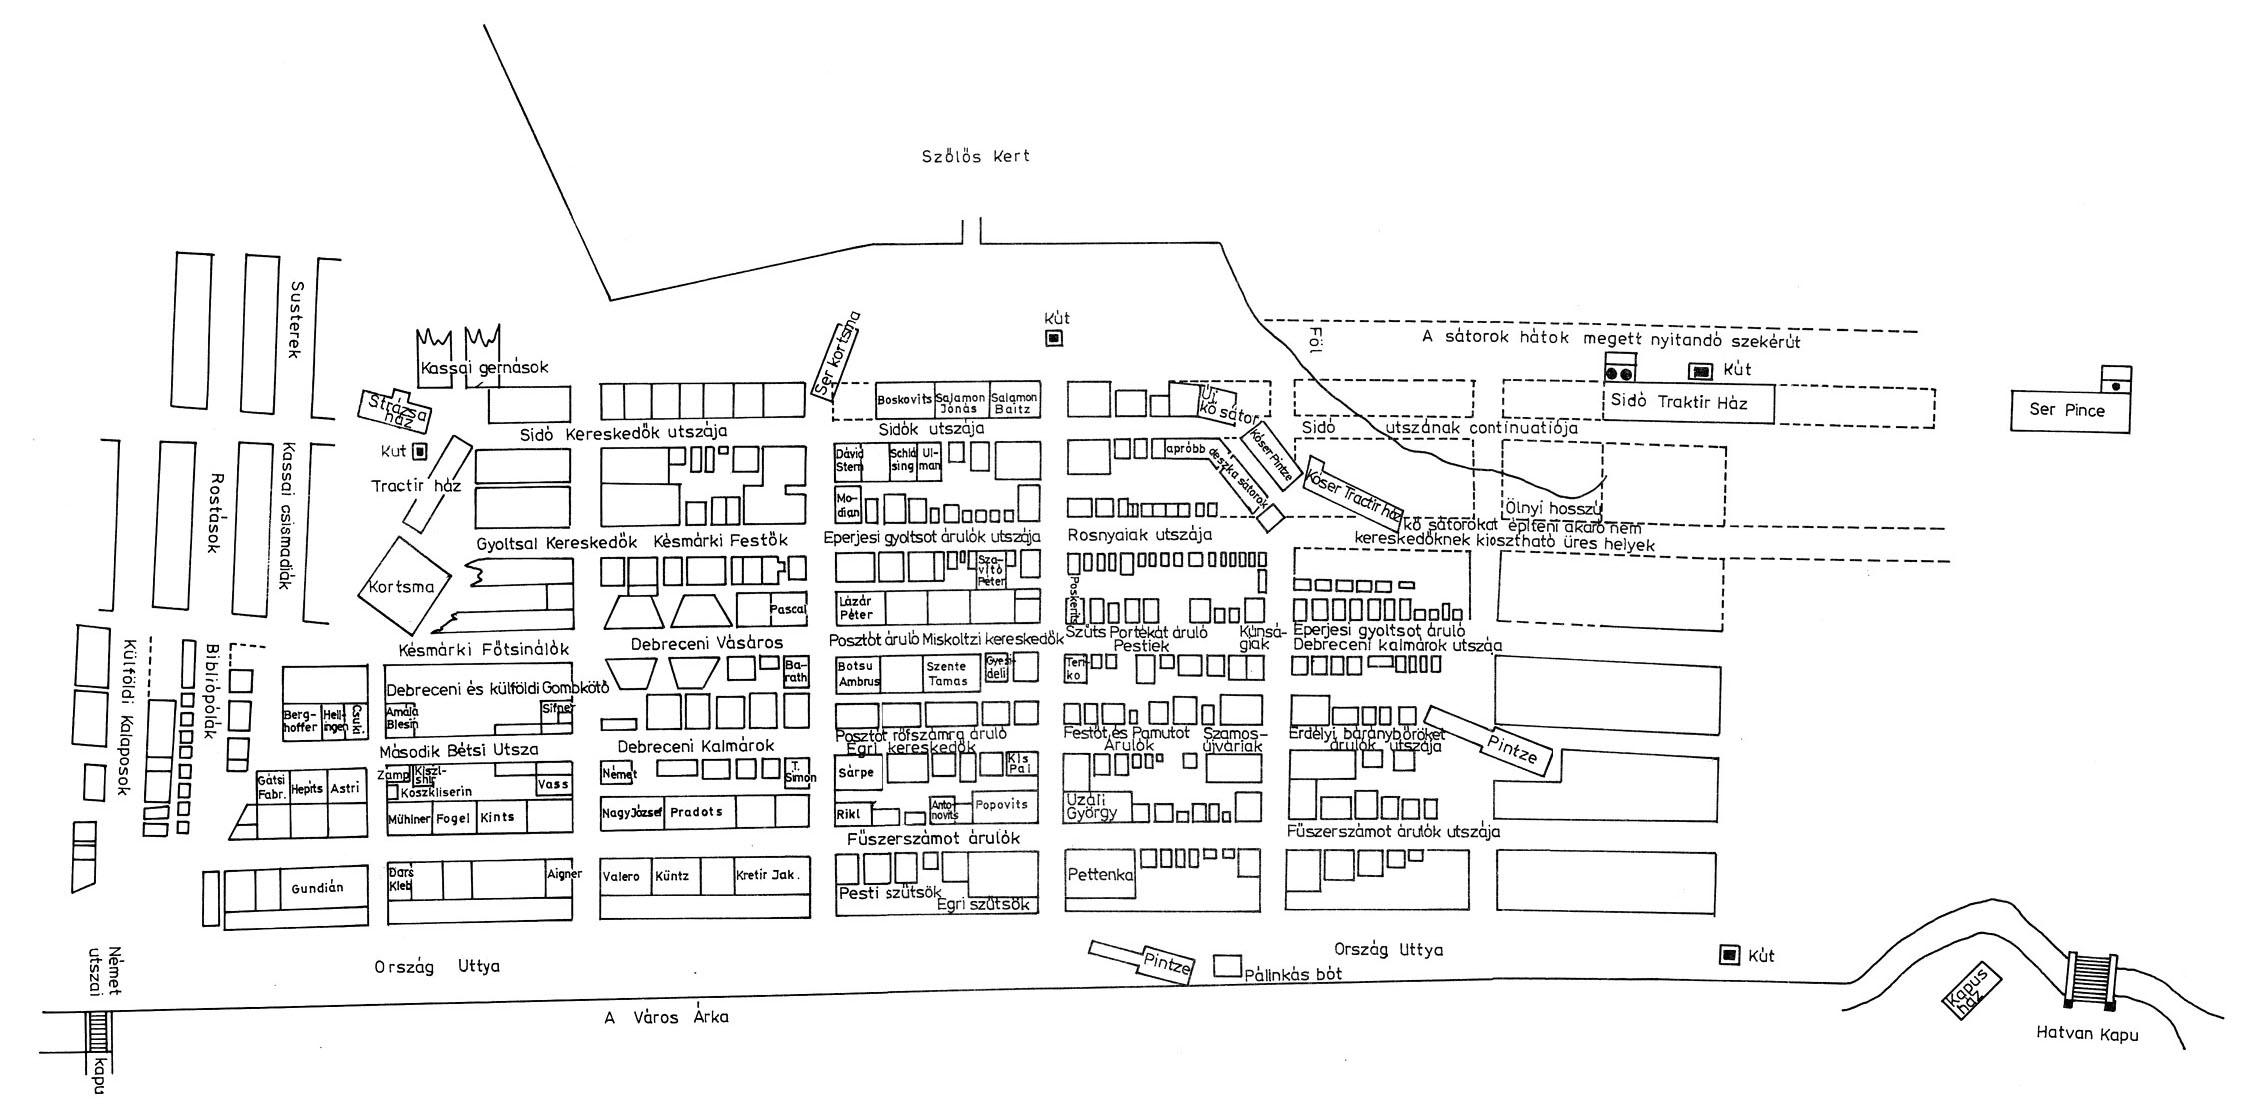 budapest nagybani piac térkép Magyar Néprajz III. Anyagi kultúra 2. Kézművesség / A MAGYAR  budapest nagybani piac térkép